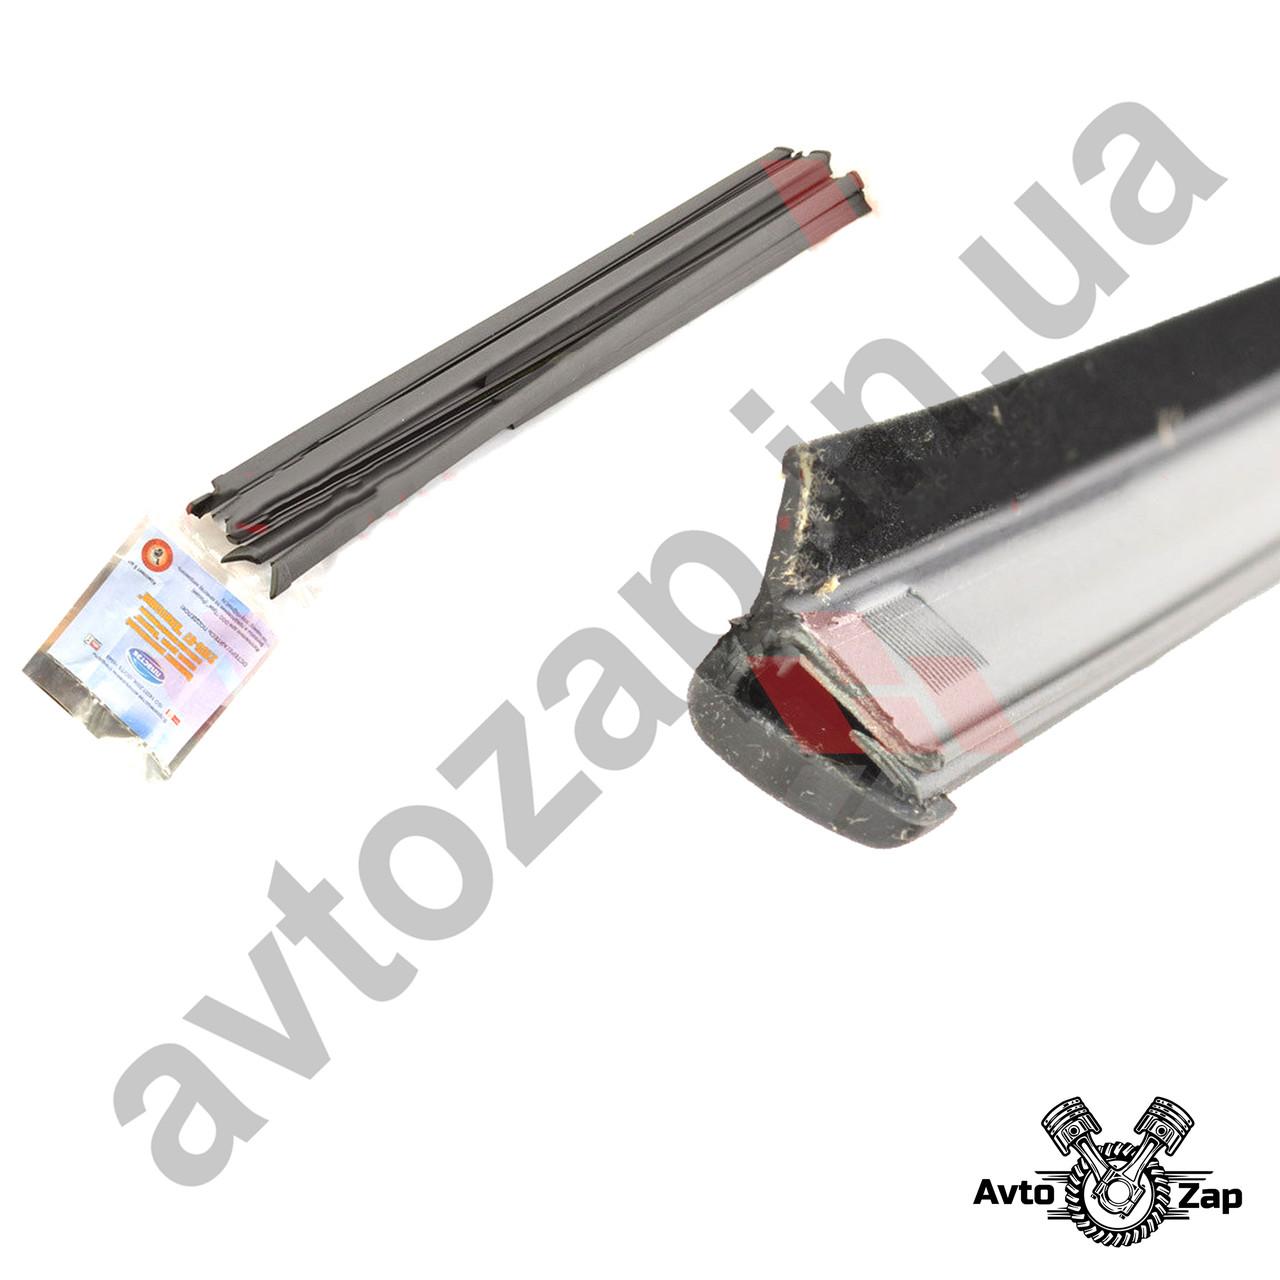 """Уплотнитель опускного стекла двери ВАЗ 2104,2105,2107 горизонтальный ,литые наконечники (к-т 8 шт.) """"бархатка"""""""